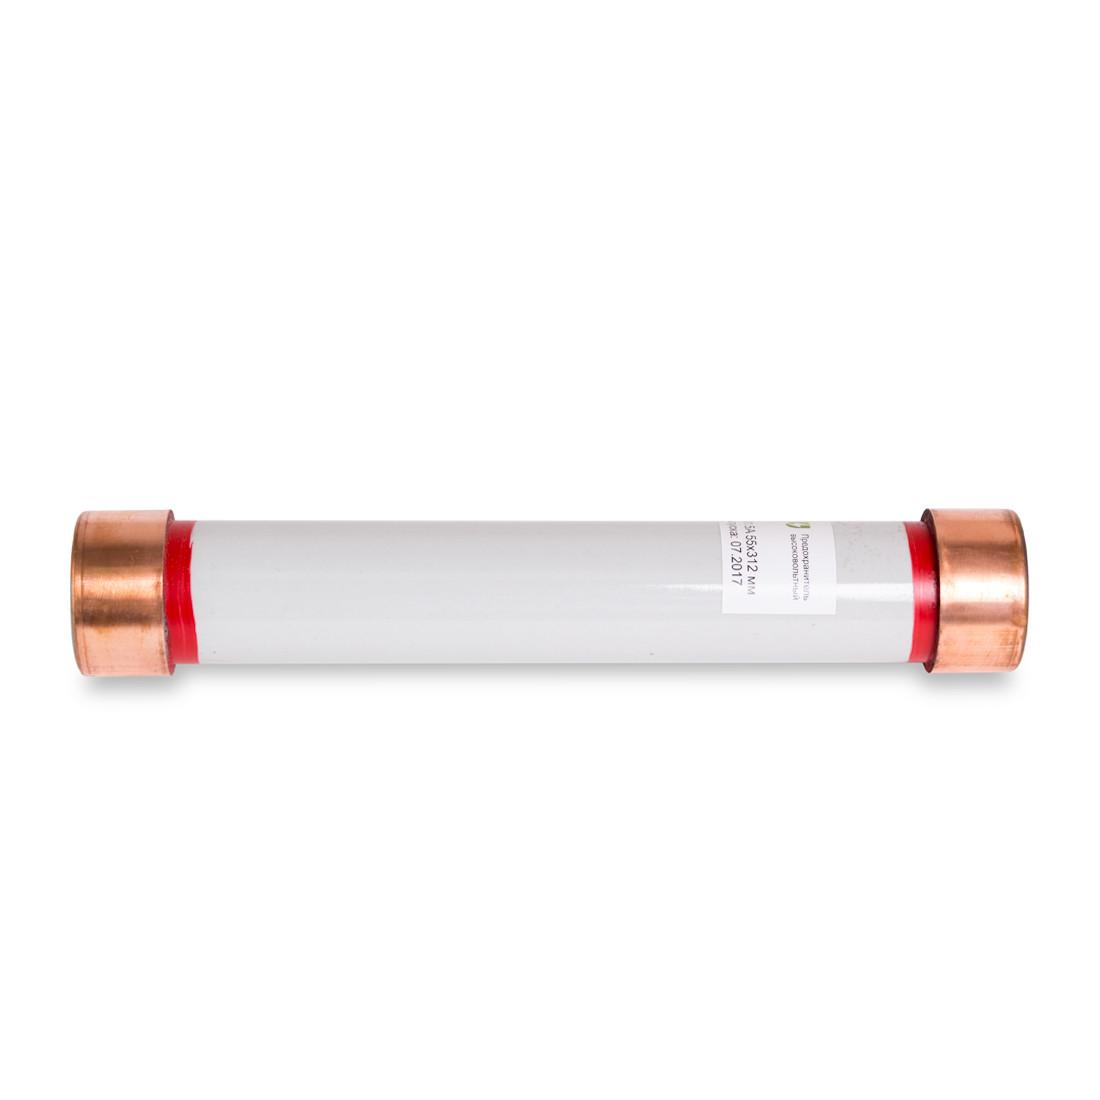 Предохранитель высоковольтный АПЭК ПT1.3-10-80A